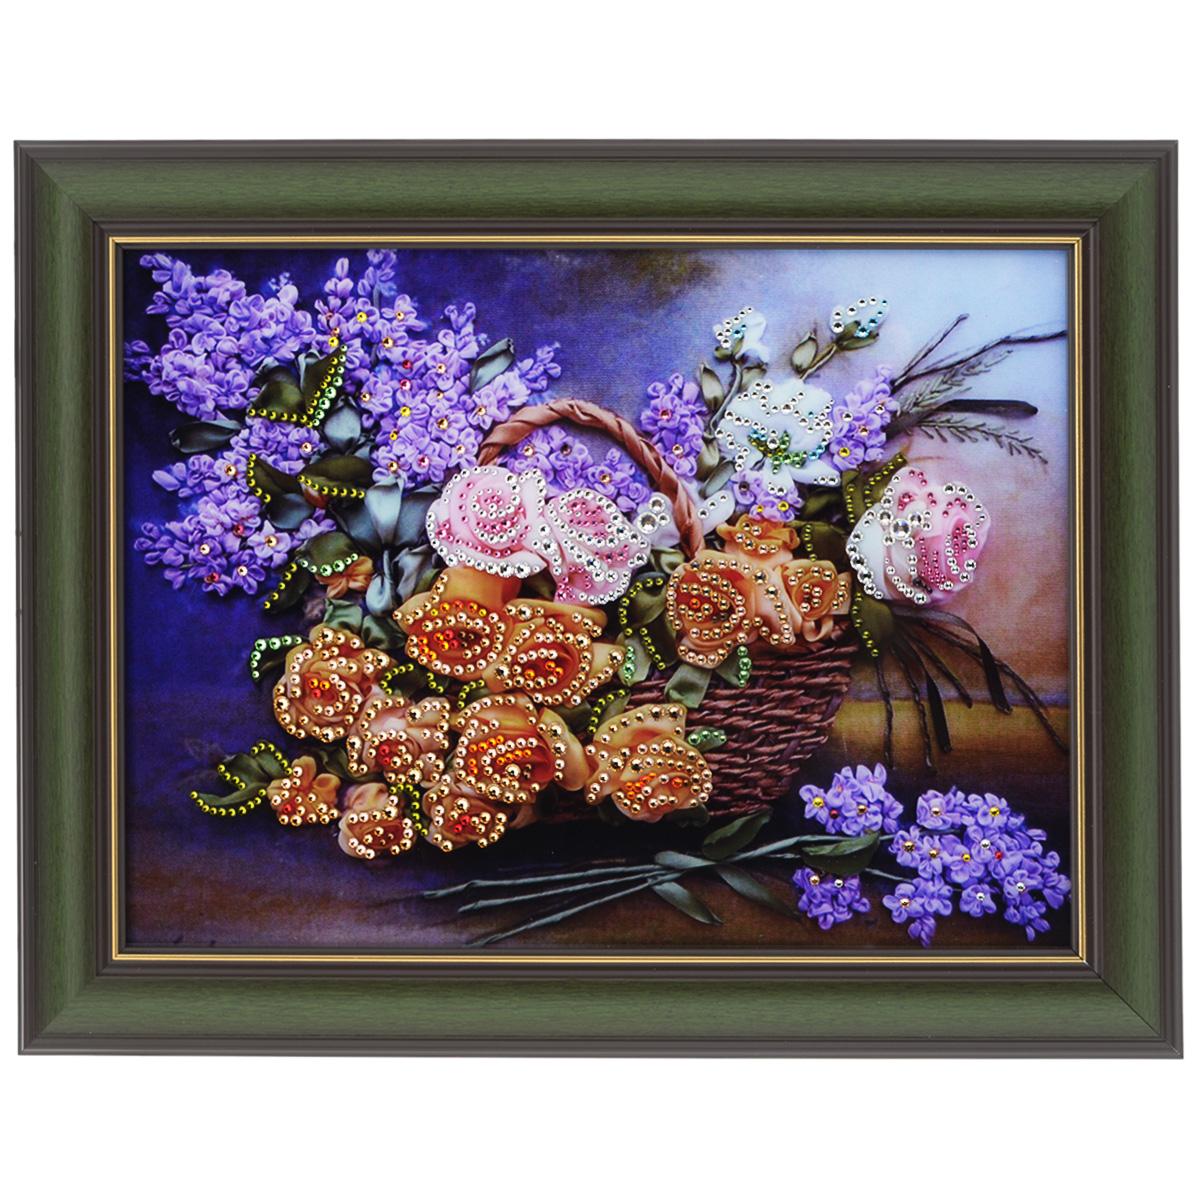 Картина с кристаллами Swarovski Натюрморт сирень, 48 х 38 см1148Изящная картина в багетной раме, инкрустирована кристаллами Swarovski, которые отличаются четкой и ровной огранкой, ярким блеском и чистотой цвета. Красочное изображение цветов в корзине, расположенное под стеклом, прекрасно дополняет блеск кристаллов. С обратной стороны имеется металлическая проволока для размещения картины на стене. Картина с кристаллами Swarovski Натюрморт сирень элегантно украсит интерьер дома или офиса, а также станет прекрасным подарком, который обязательно понравится получателю. Блеск кристаллов в интерьере, что может быть сказочнее и удивительнее. Картина упакована в подарочную картонную коробку синего цвета и комплектуется сертификатом соответствия Swarovski.